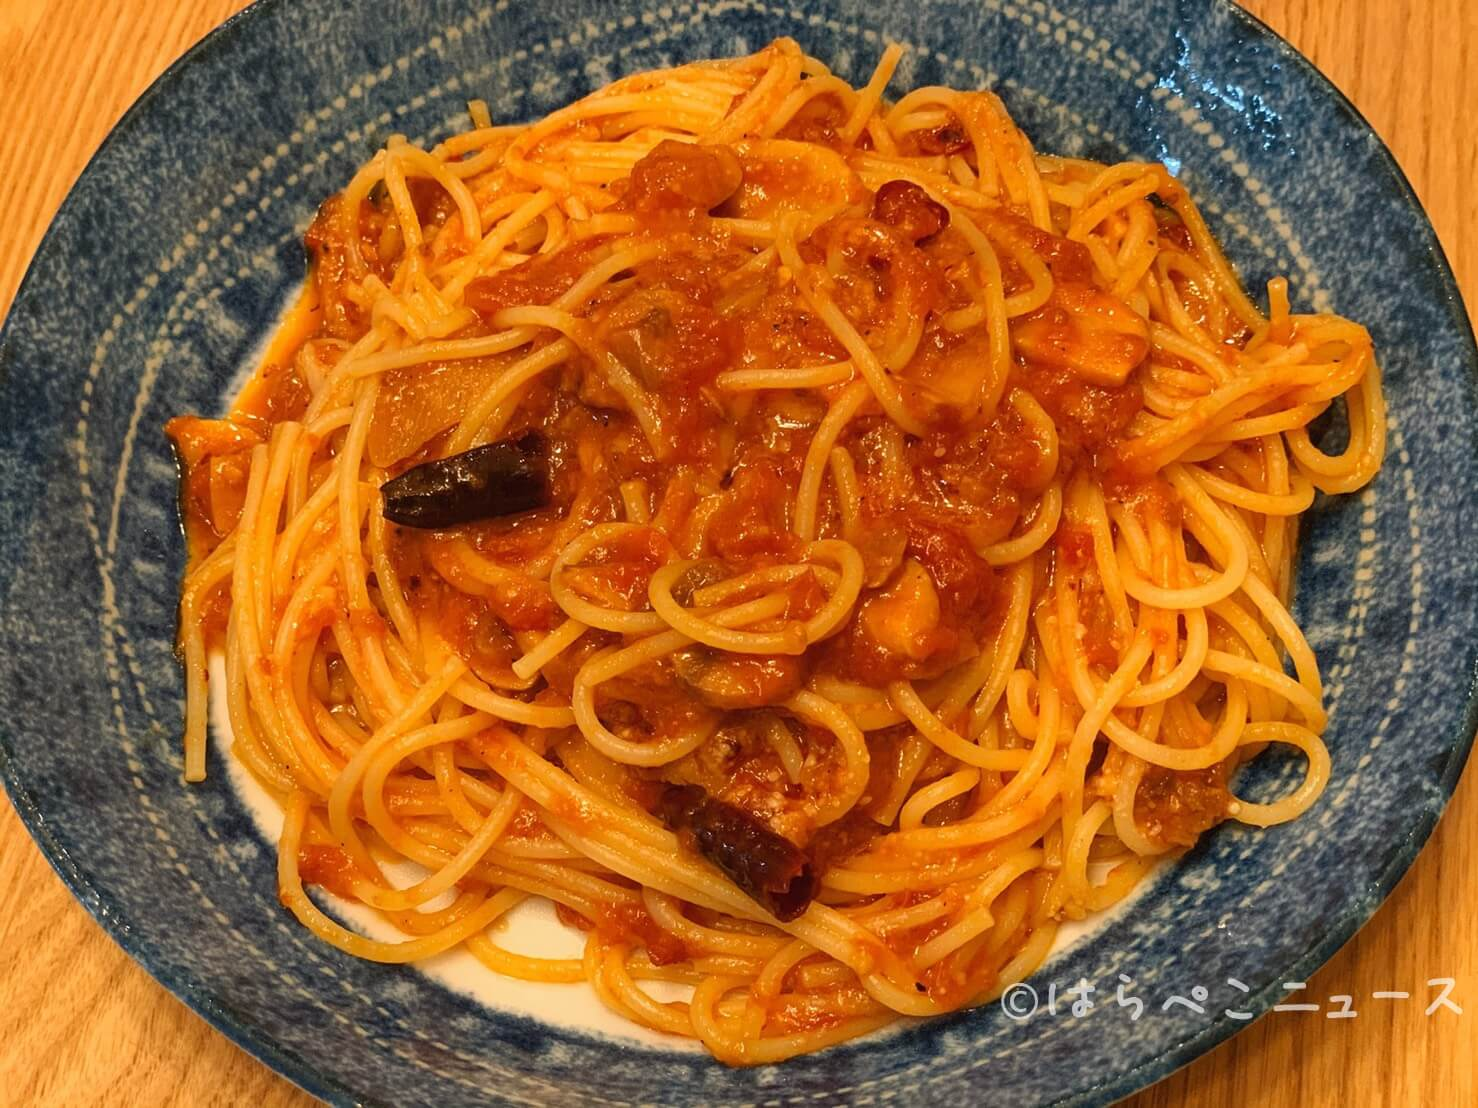 【実食レポ】カプリチョーザ『ホームメイドキット』トマトとニンニクのスパゲティをおうちでアレンジ調理!